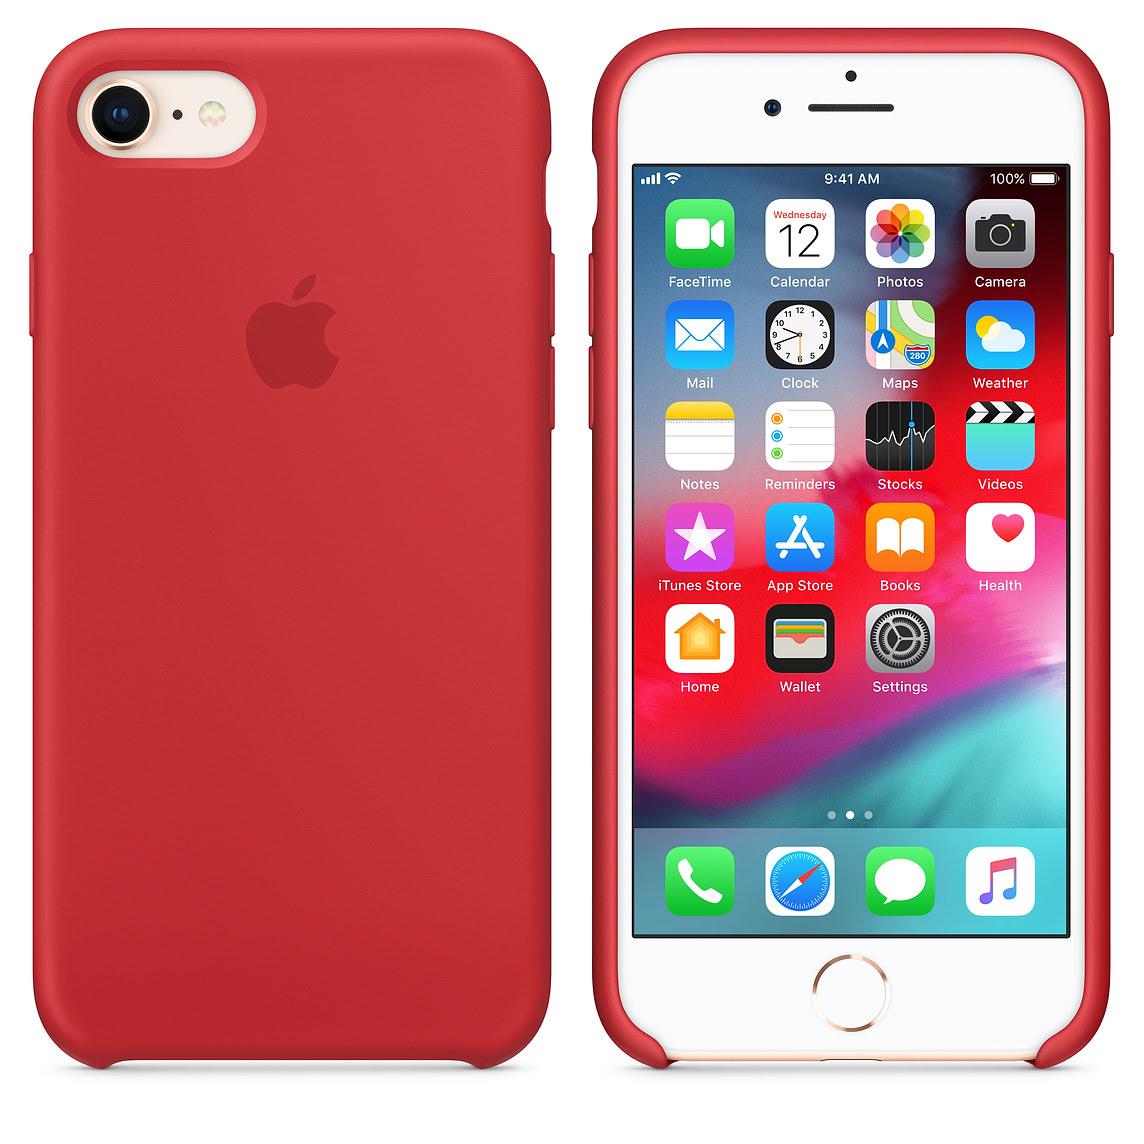 Apple silikónový obal pre iPhone 7 / 8 - červený 3